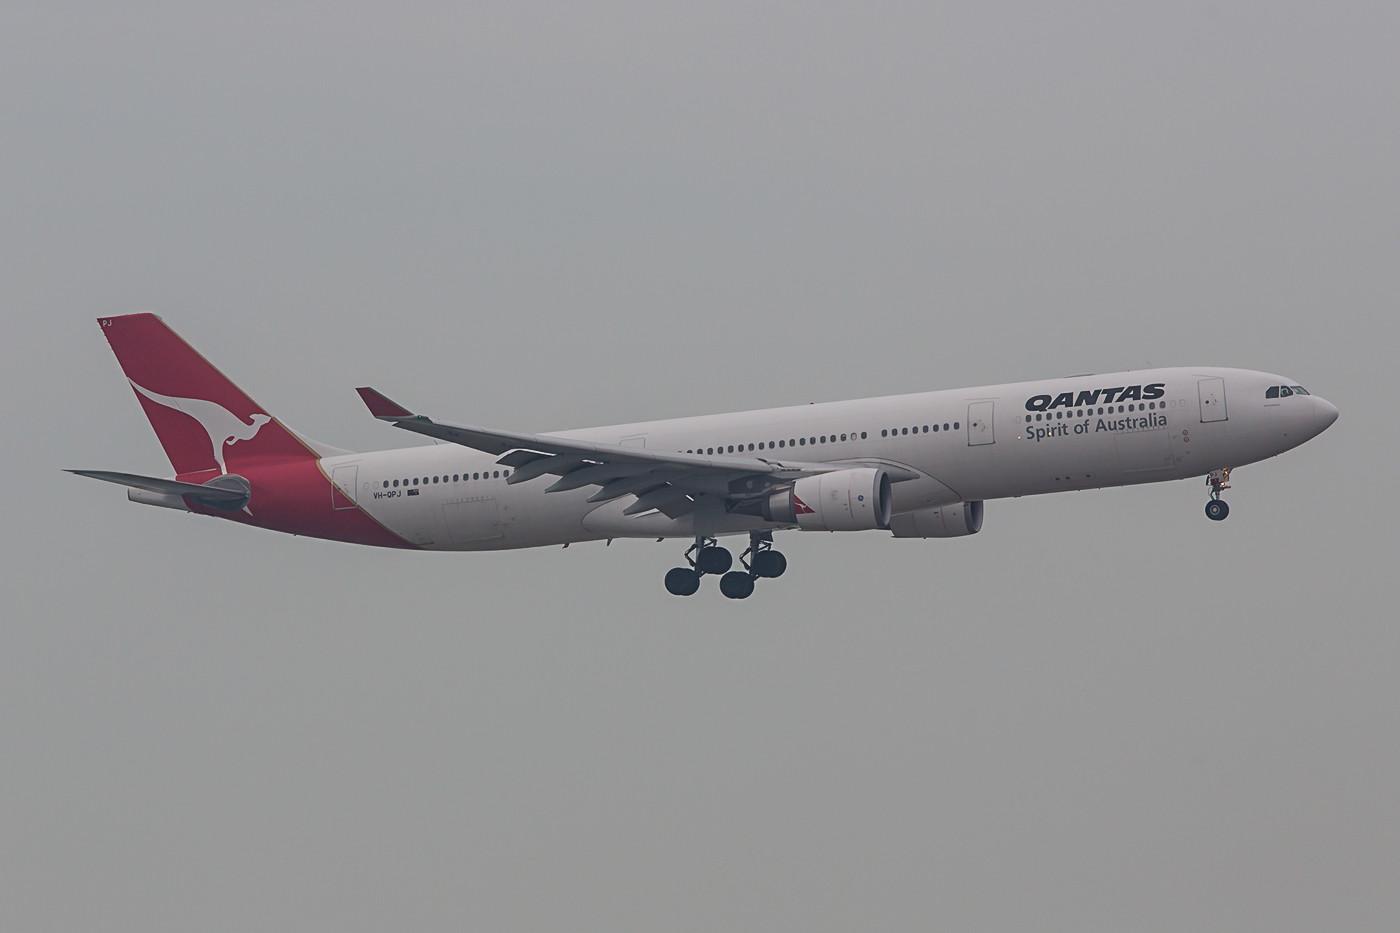 Qantas hingegen ist seit Jahren ohne richtige Sonderbemalung unterwegs. Diese A 330 kam aus Cairns.